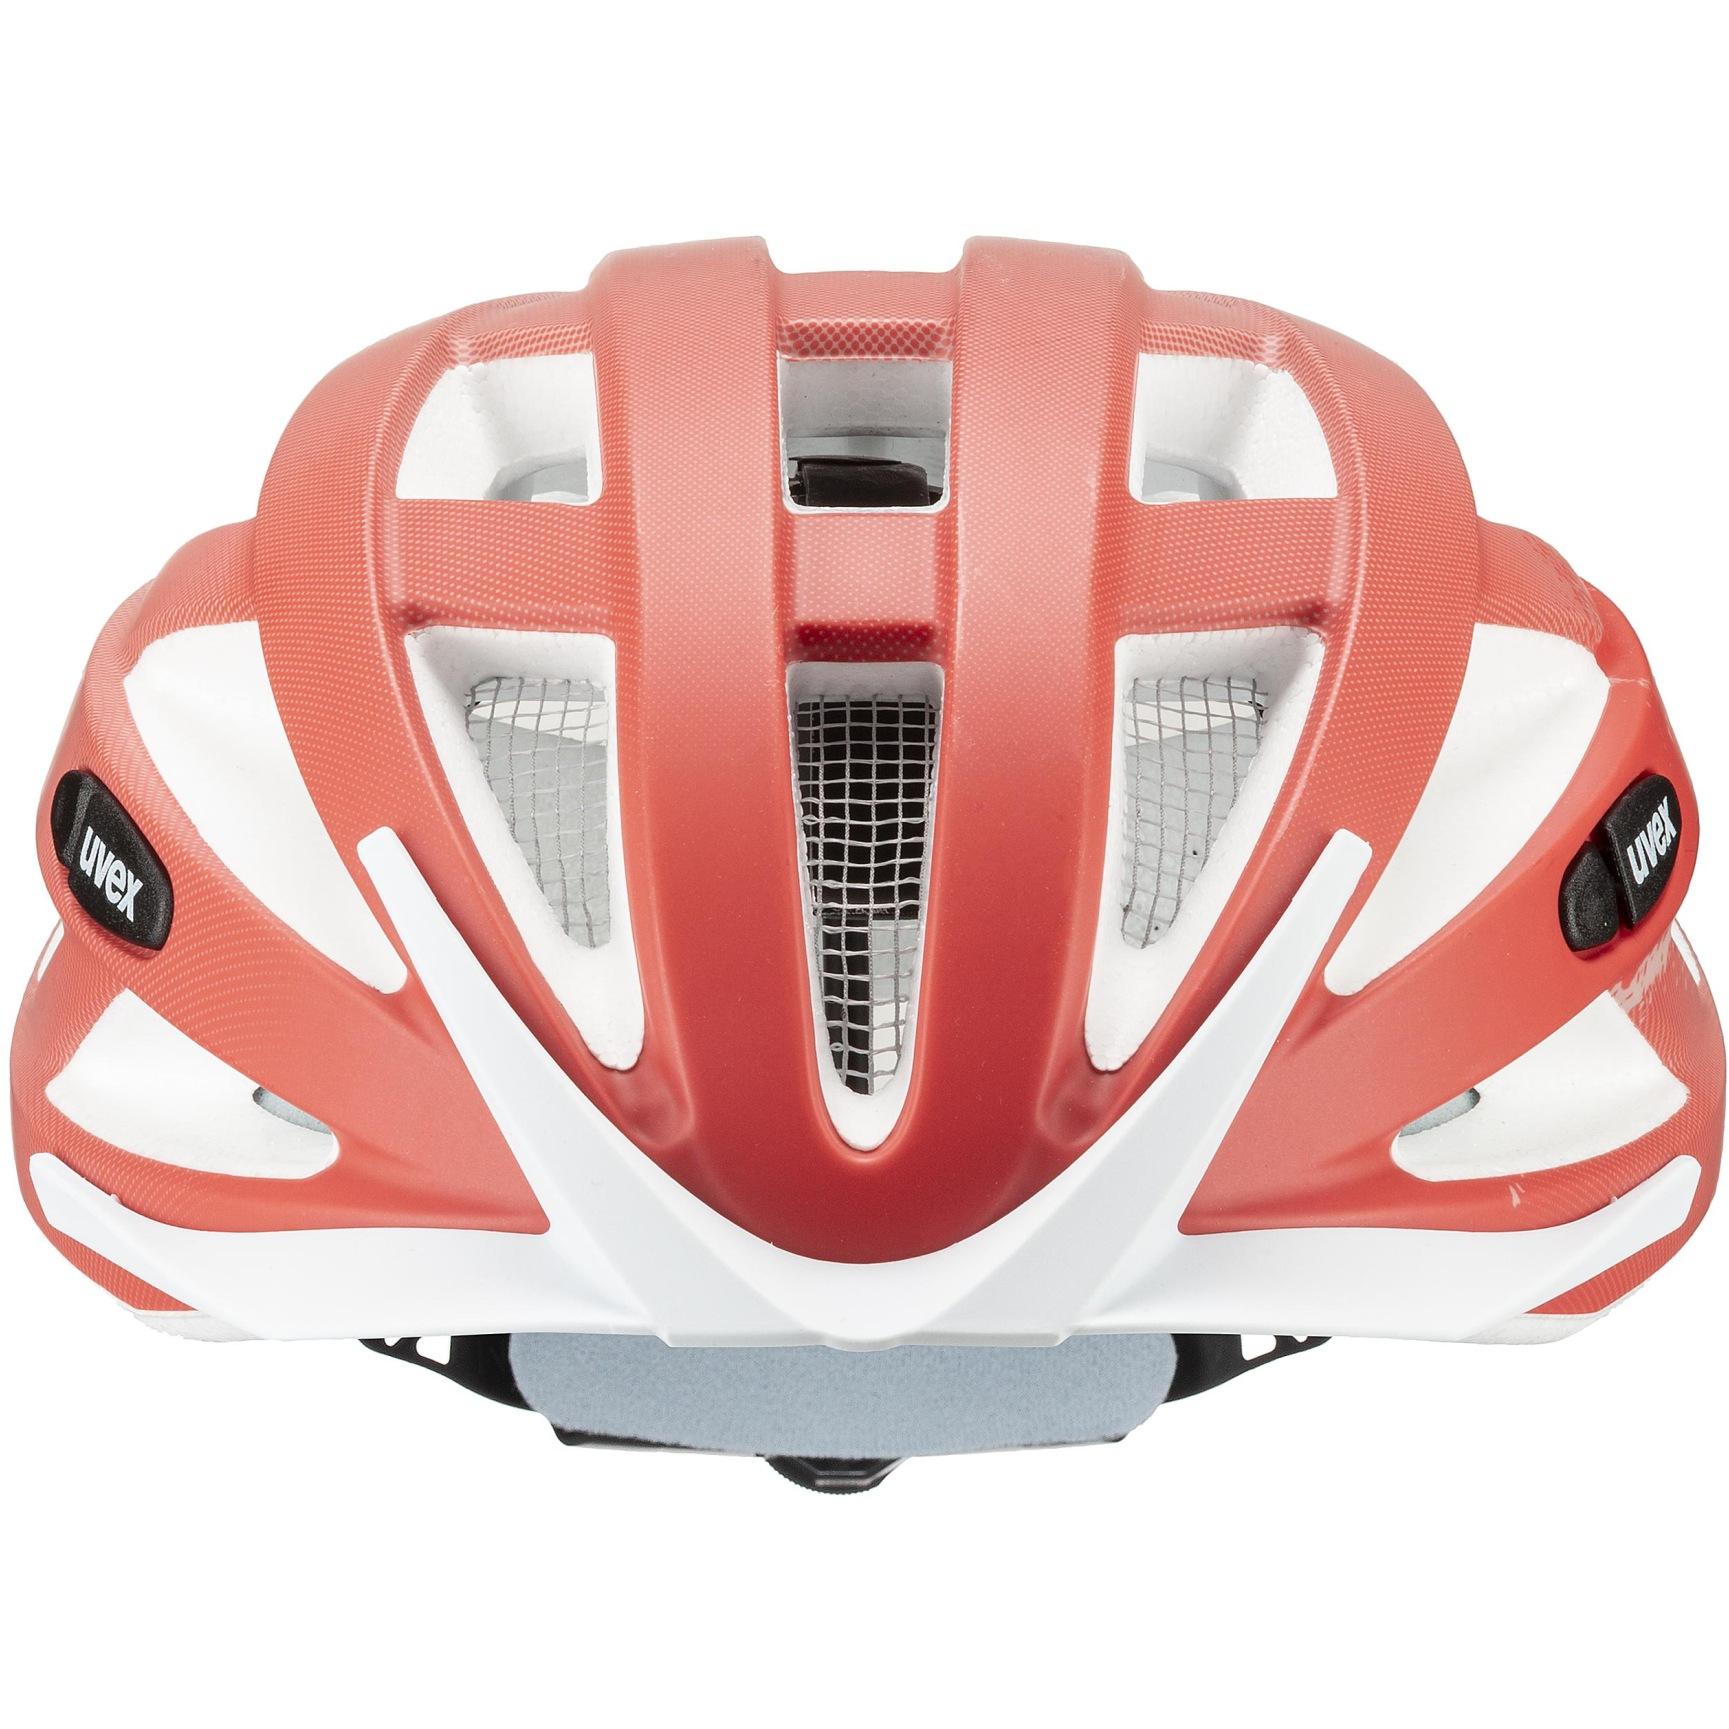 Image of Uvex air wing cc Helmet - dust rose-grapefruit mat